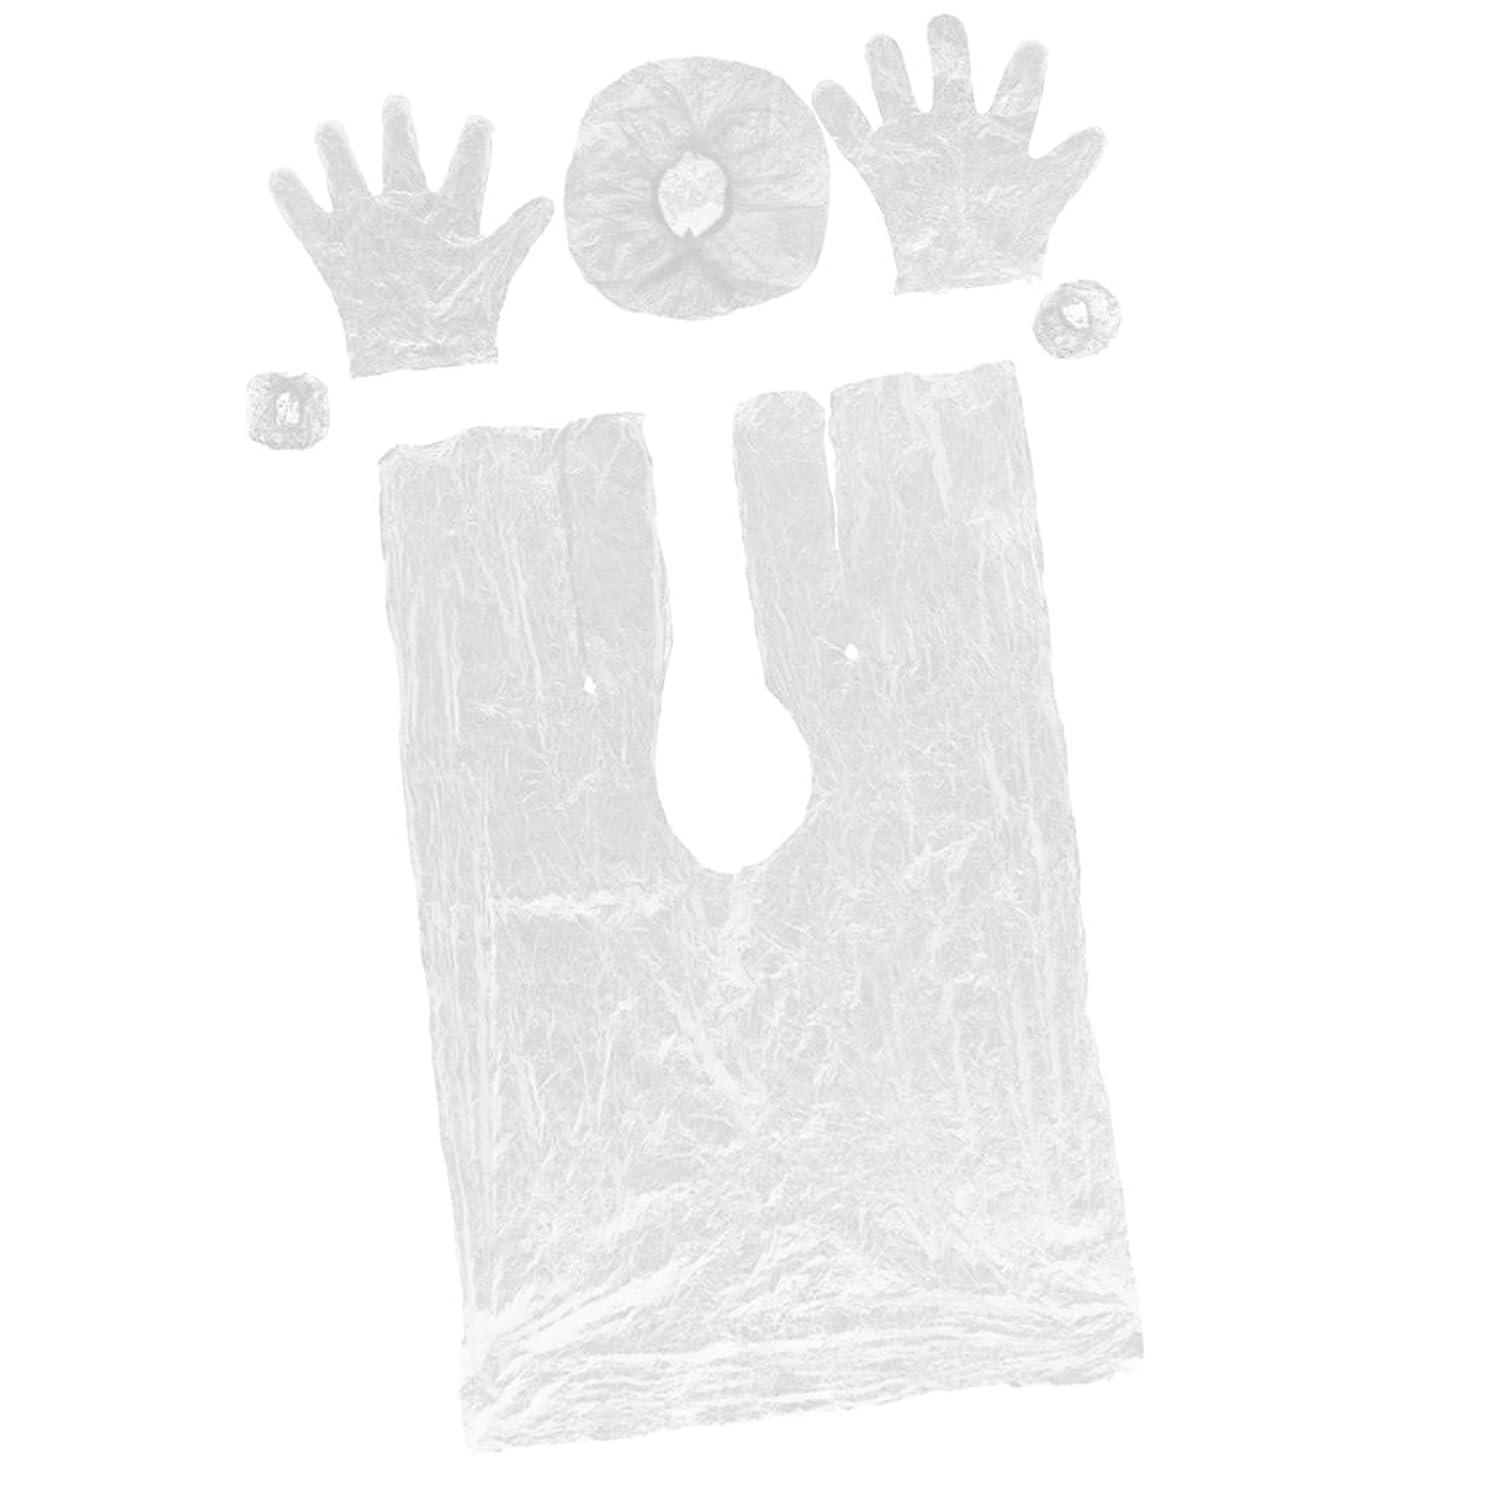 シャイニング麻酔薬空港Kesoto 使い捨て ヘアケアサロン帽子 弾性キャップ サロンケープ  手袋 耳栓 プラスチック製 10セット入り